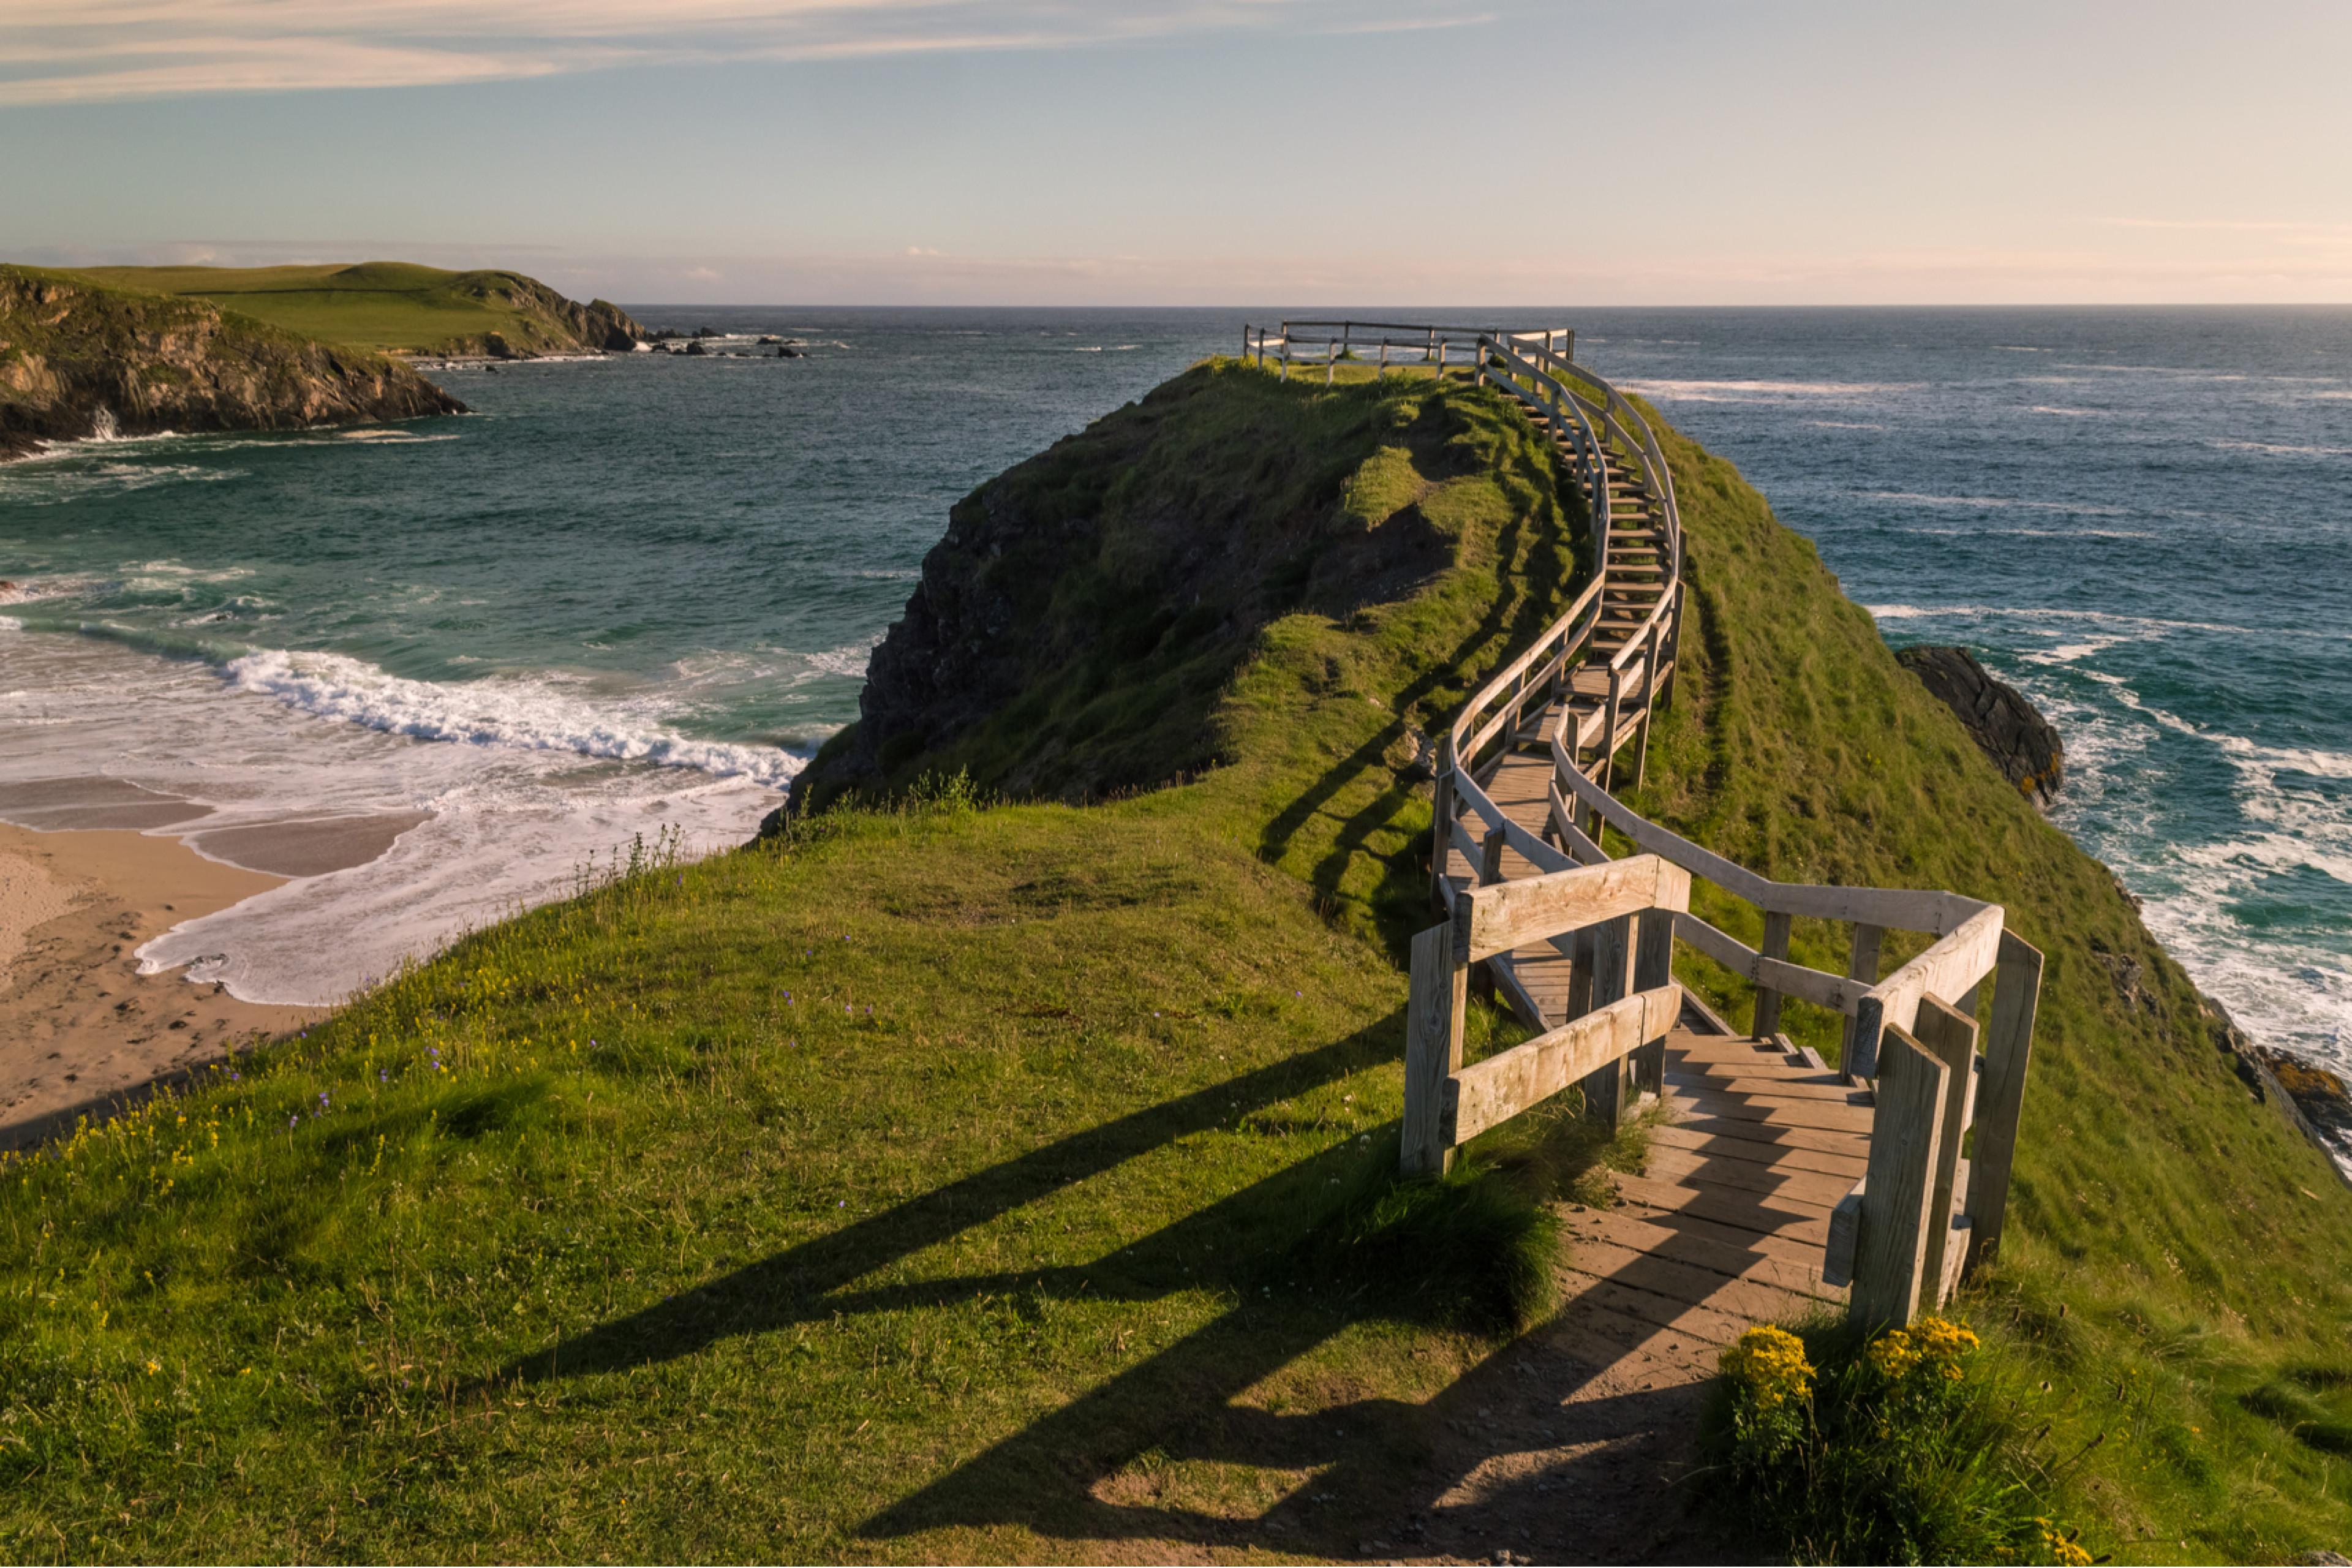 Hebridean Whale Trail